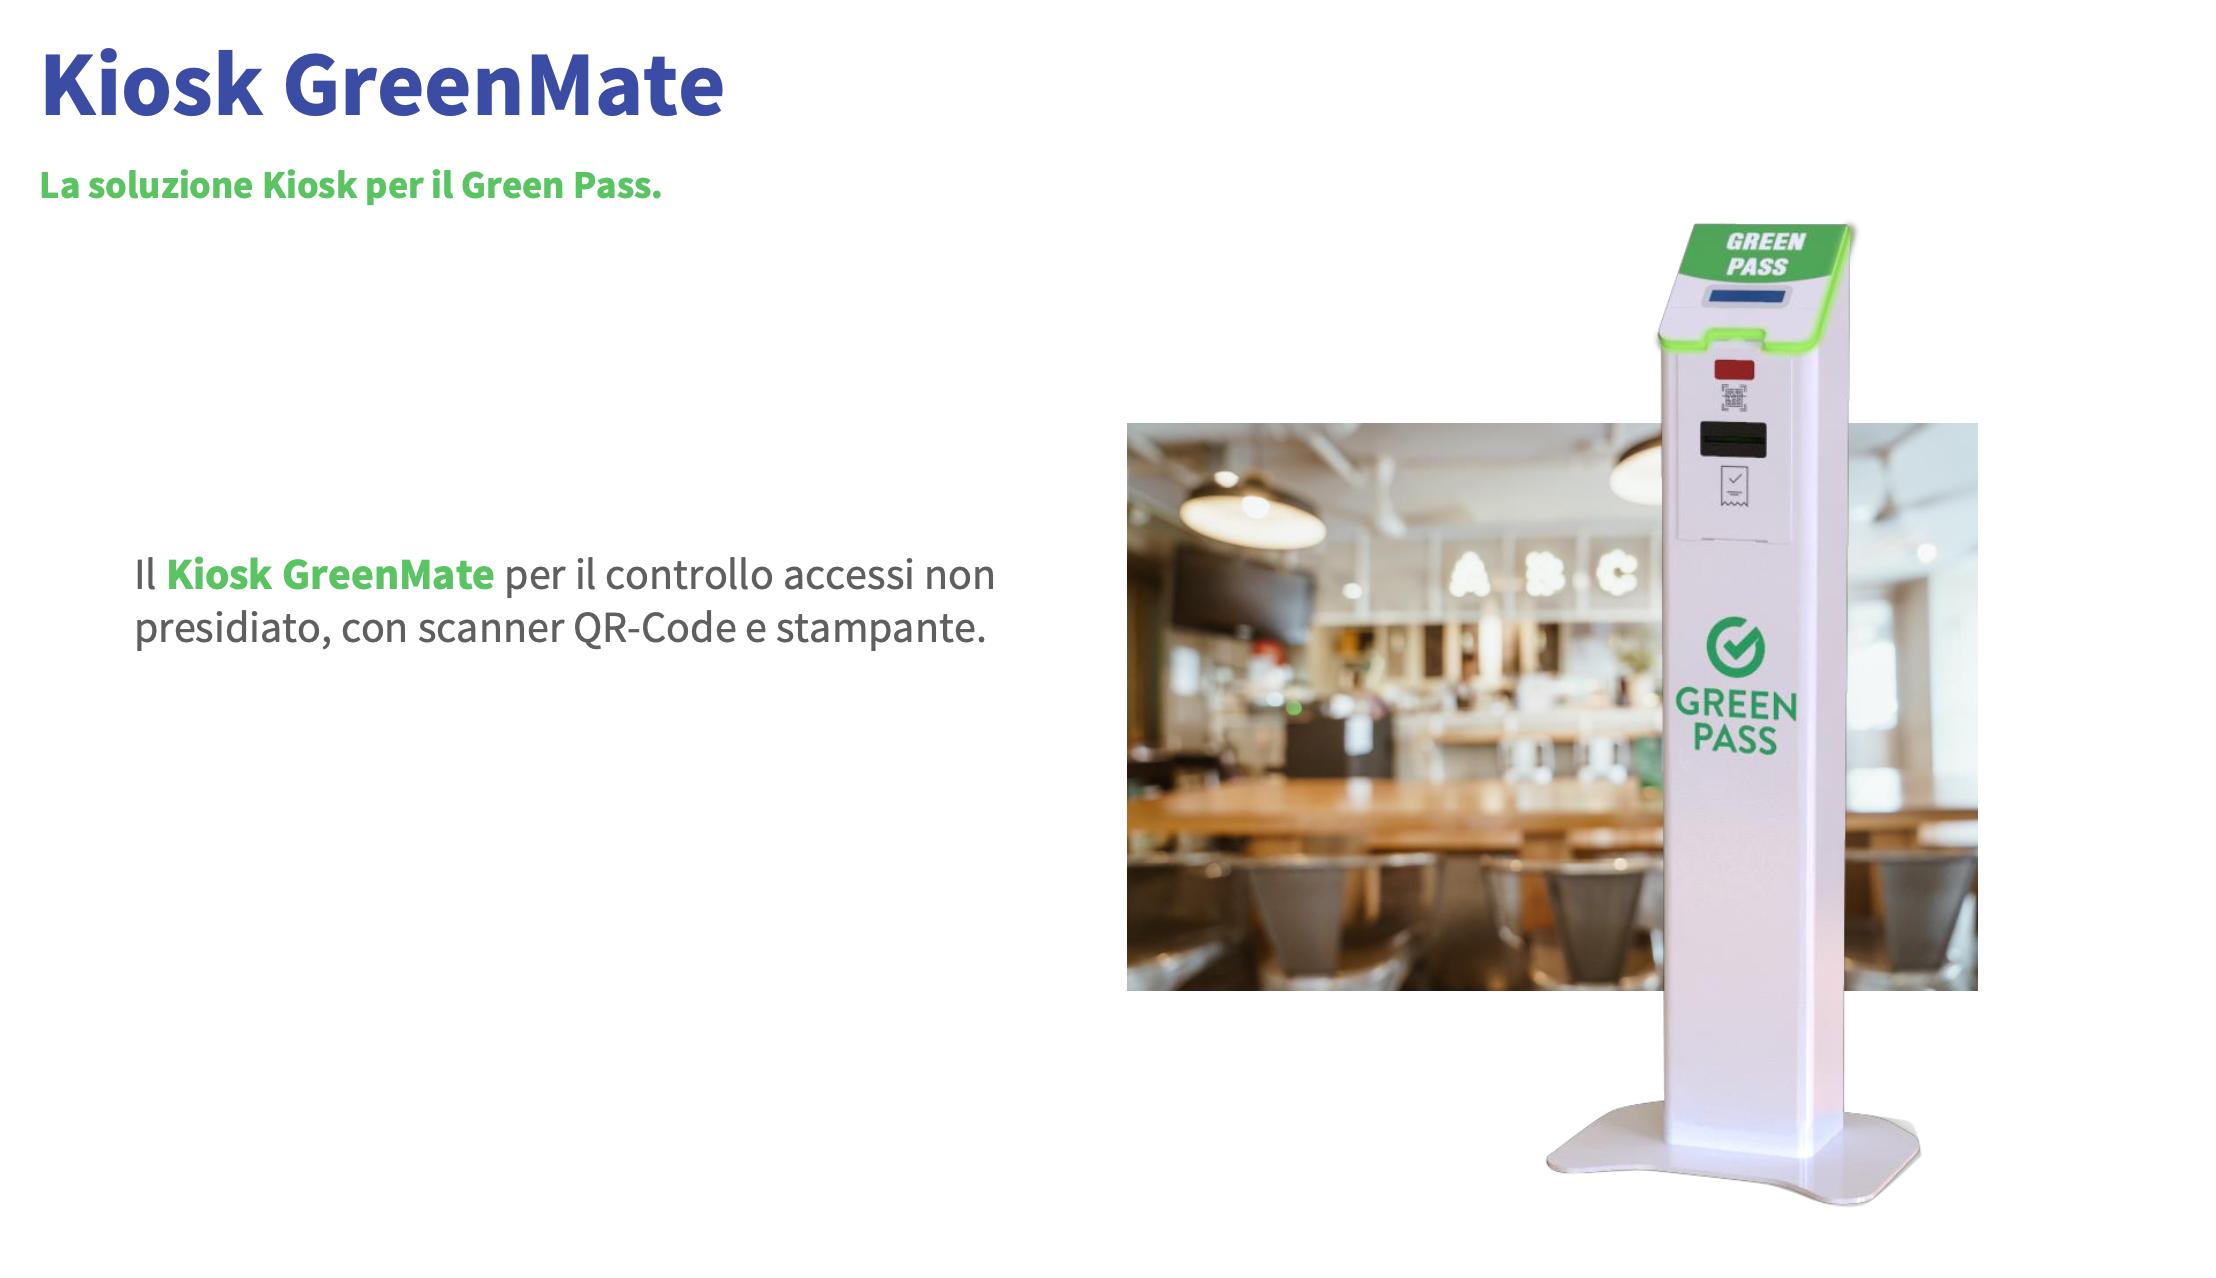 Kiosko GreenMate